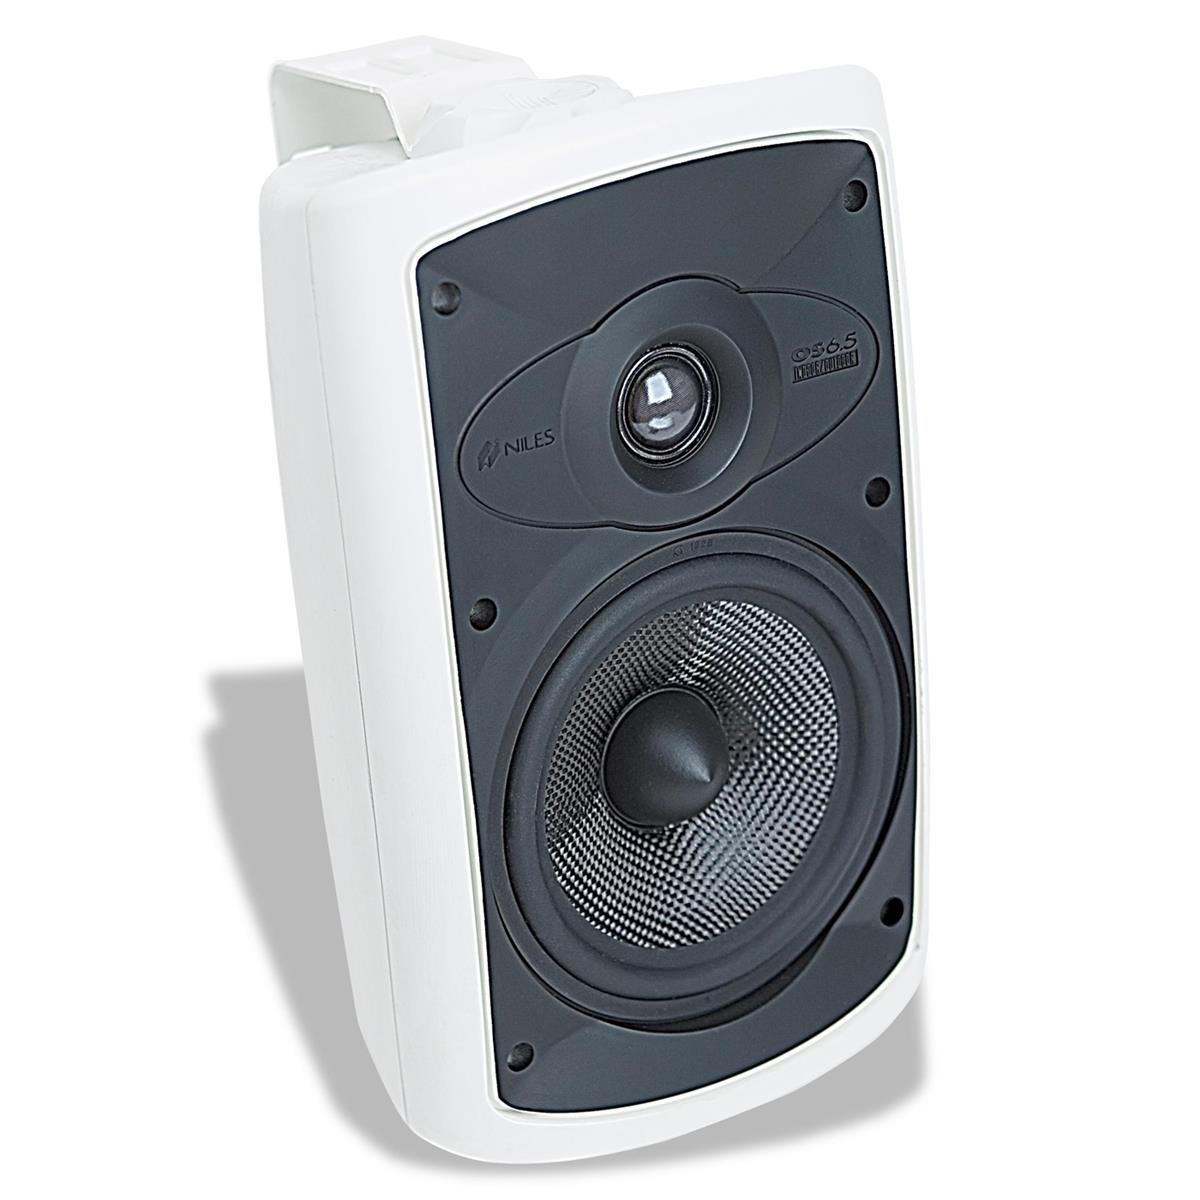 Niles OS6.5 (Pr) 6 Inch 2-Way High Performance Indoor Outdoor Speakers